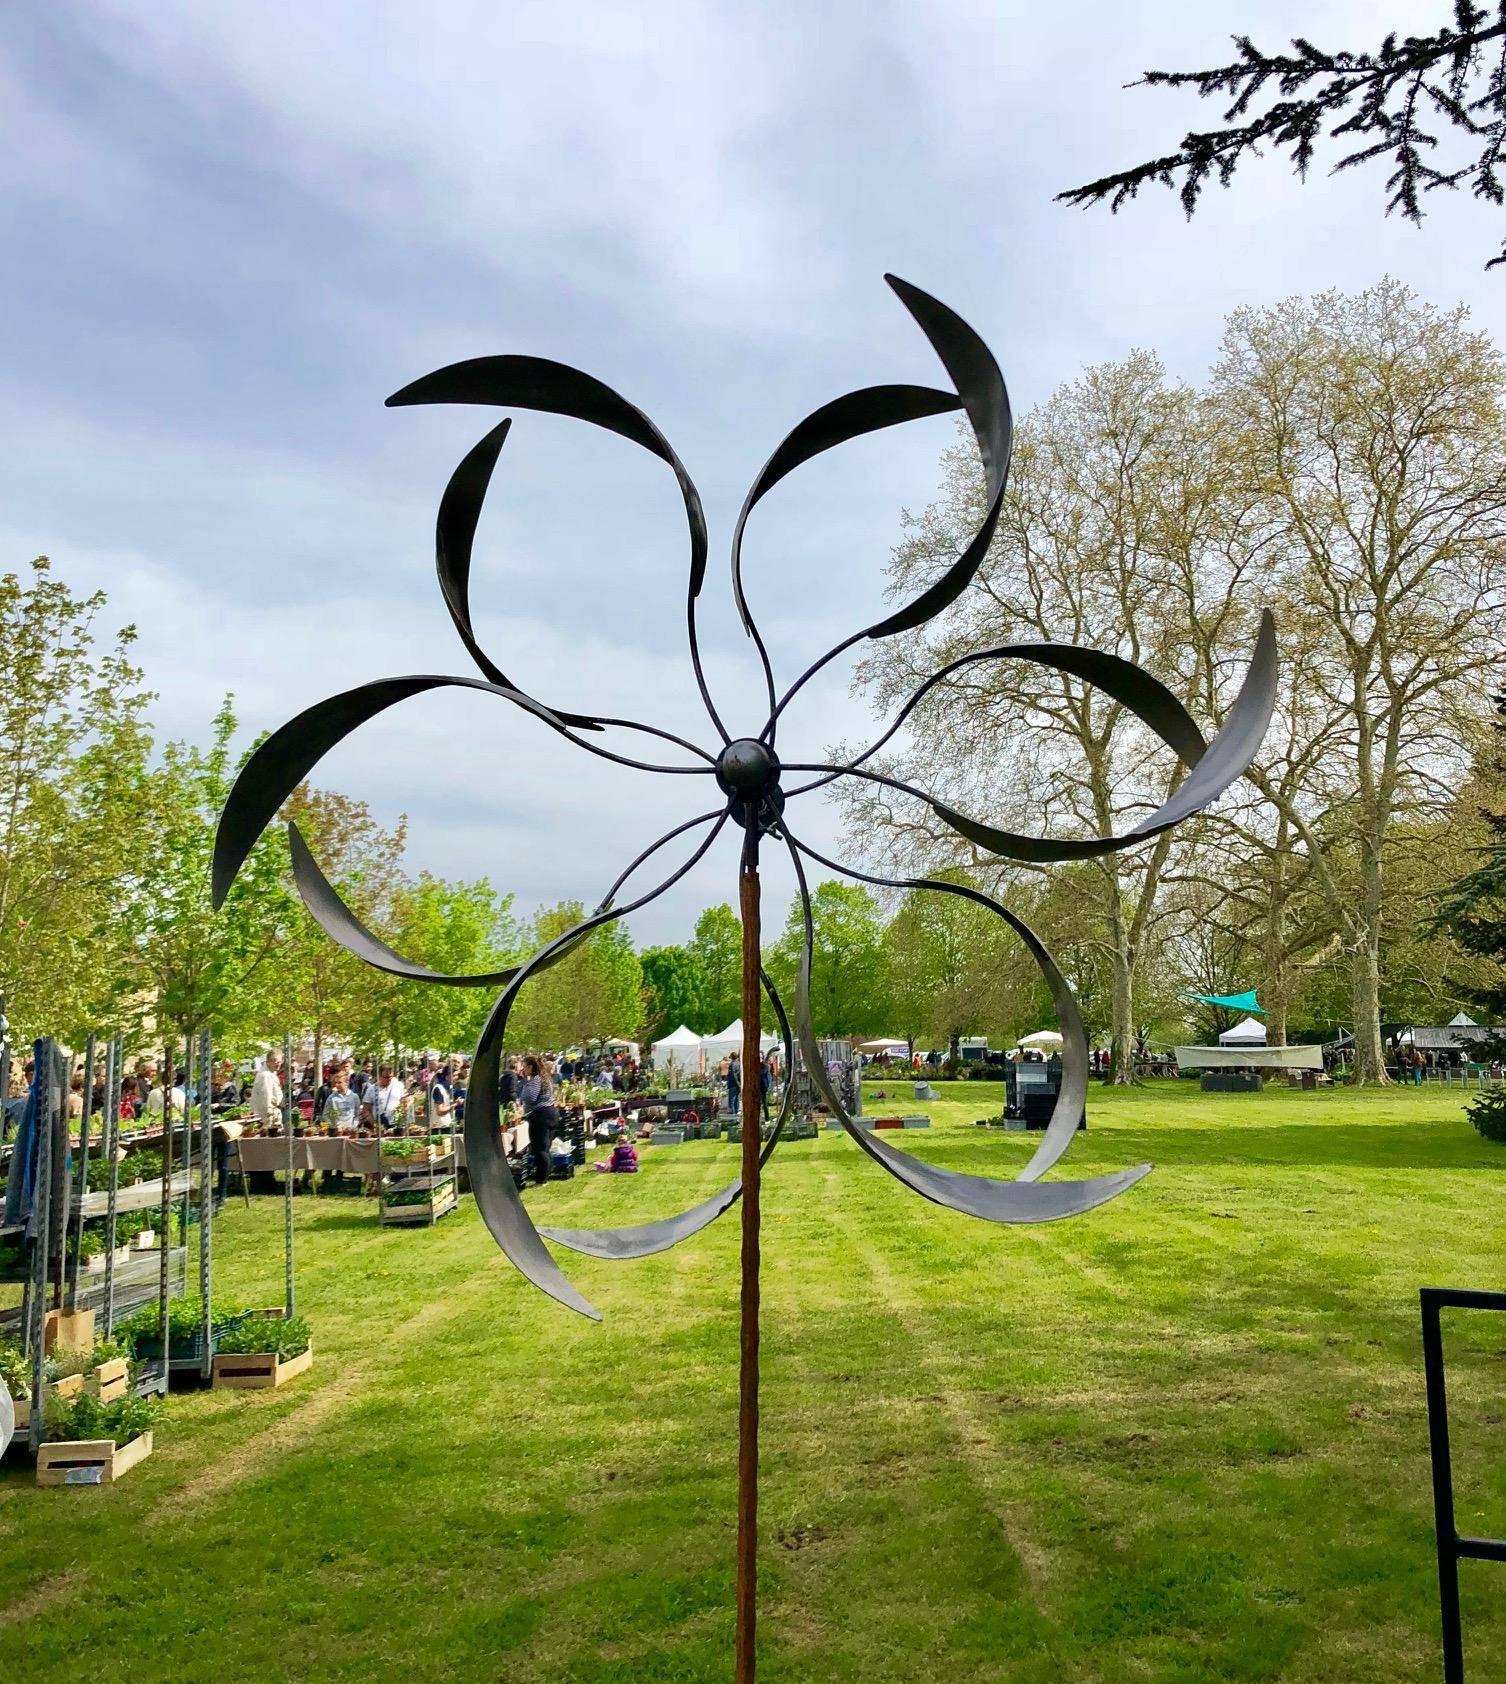 Envoûtante Eolienne Sur Pic Mobile De Jardin En Acier Brut 19X54X208Cm encequiconcerne Eolienne Jardin